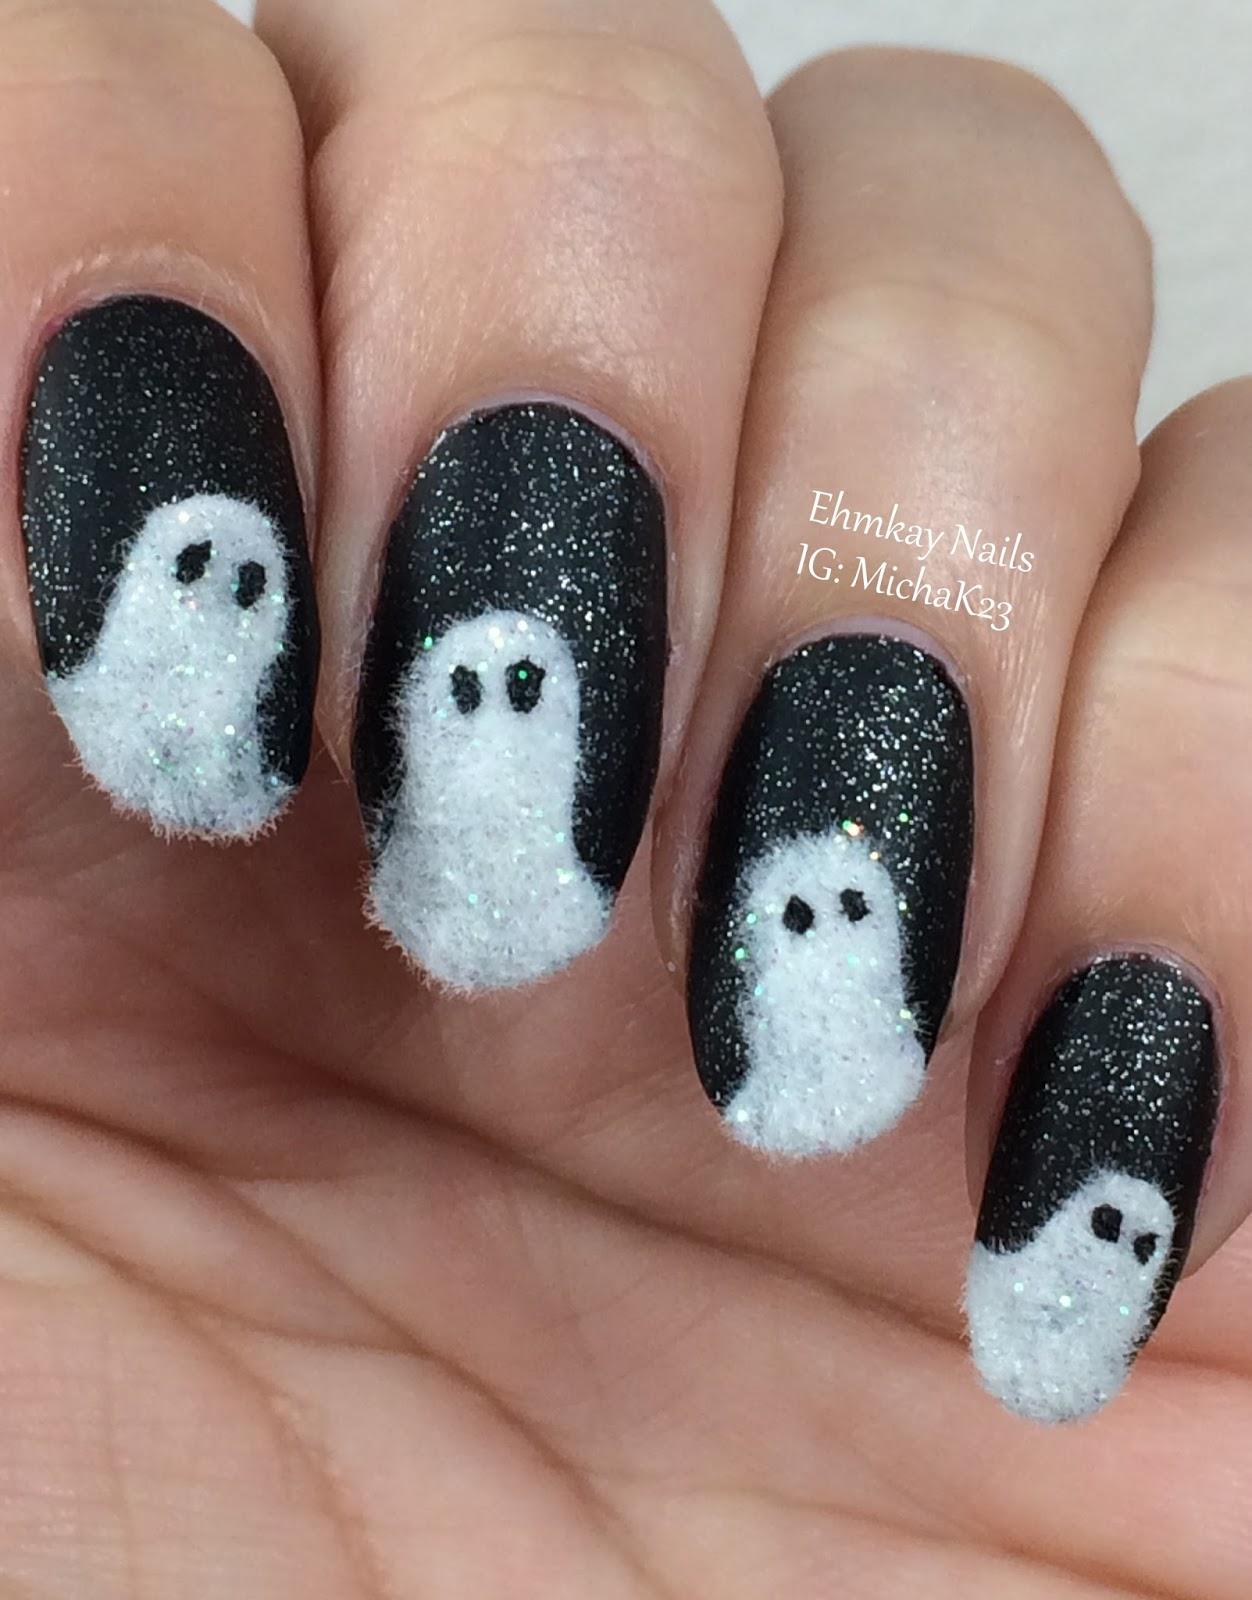 Ehmkay Nails Fuzzy Ghost Halloween Nail Art